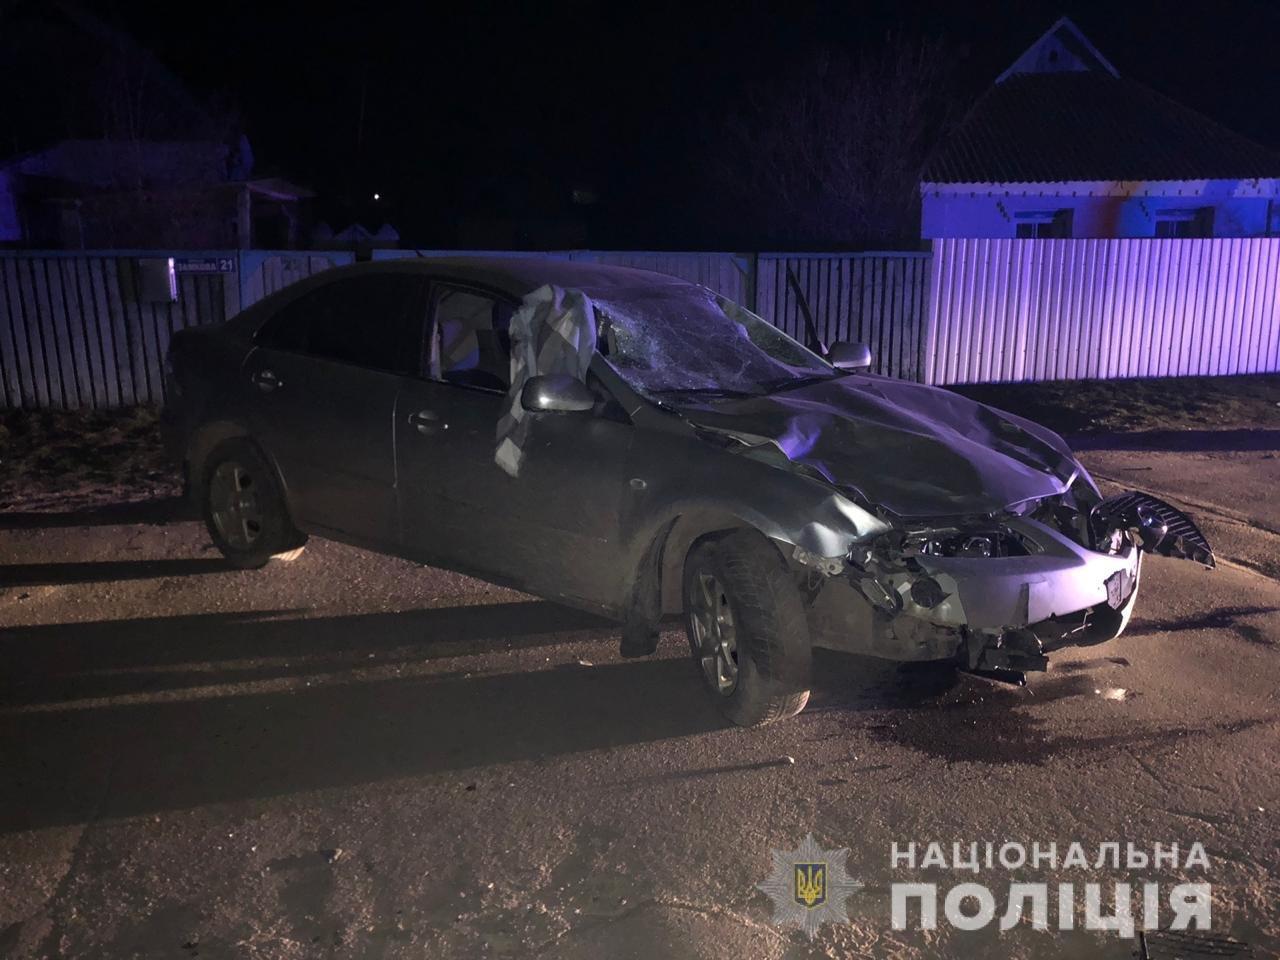 На Білоцерківщині 19-річний хлопець насмерть збив двох дівчат, фото-3